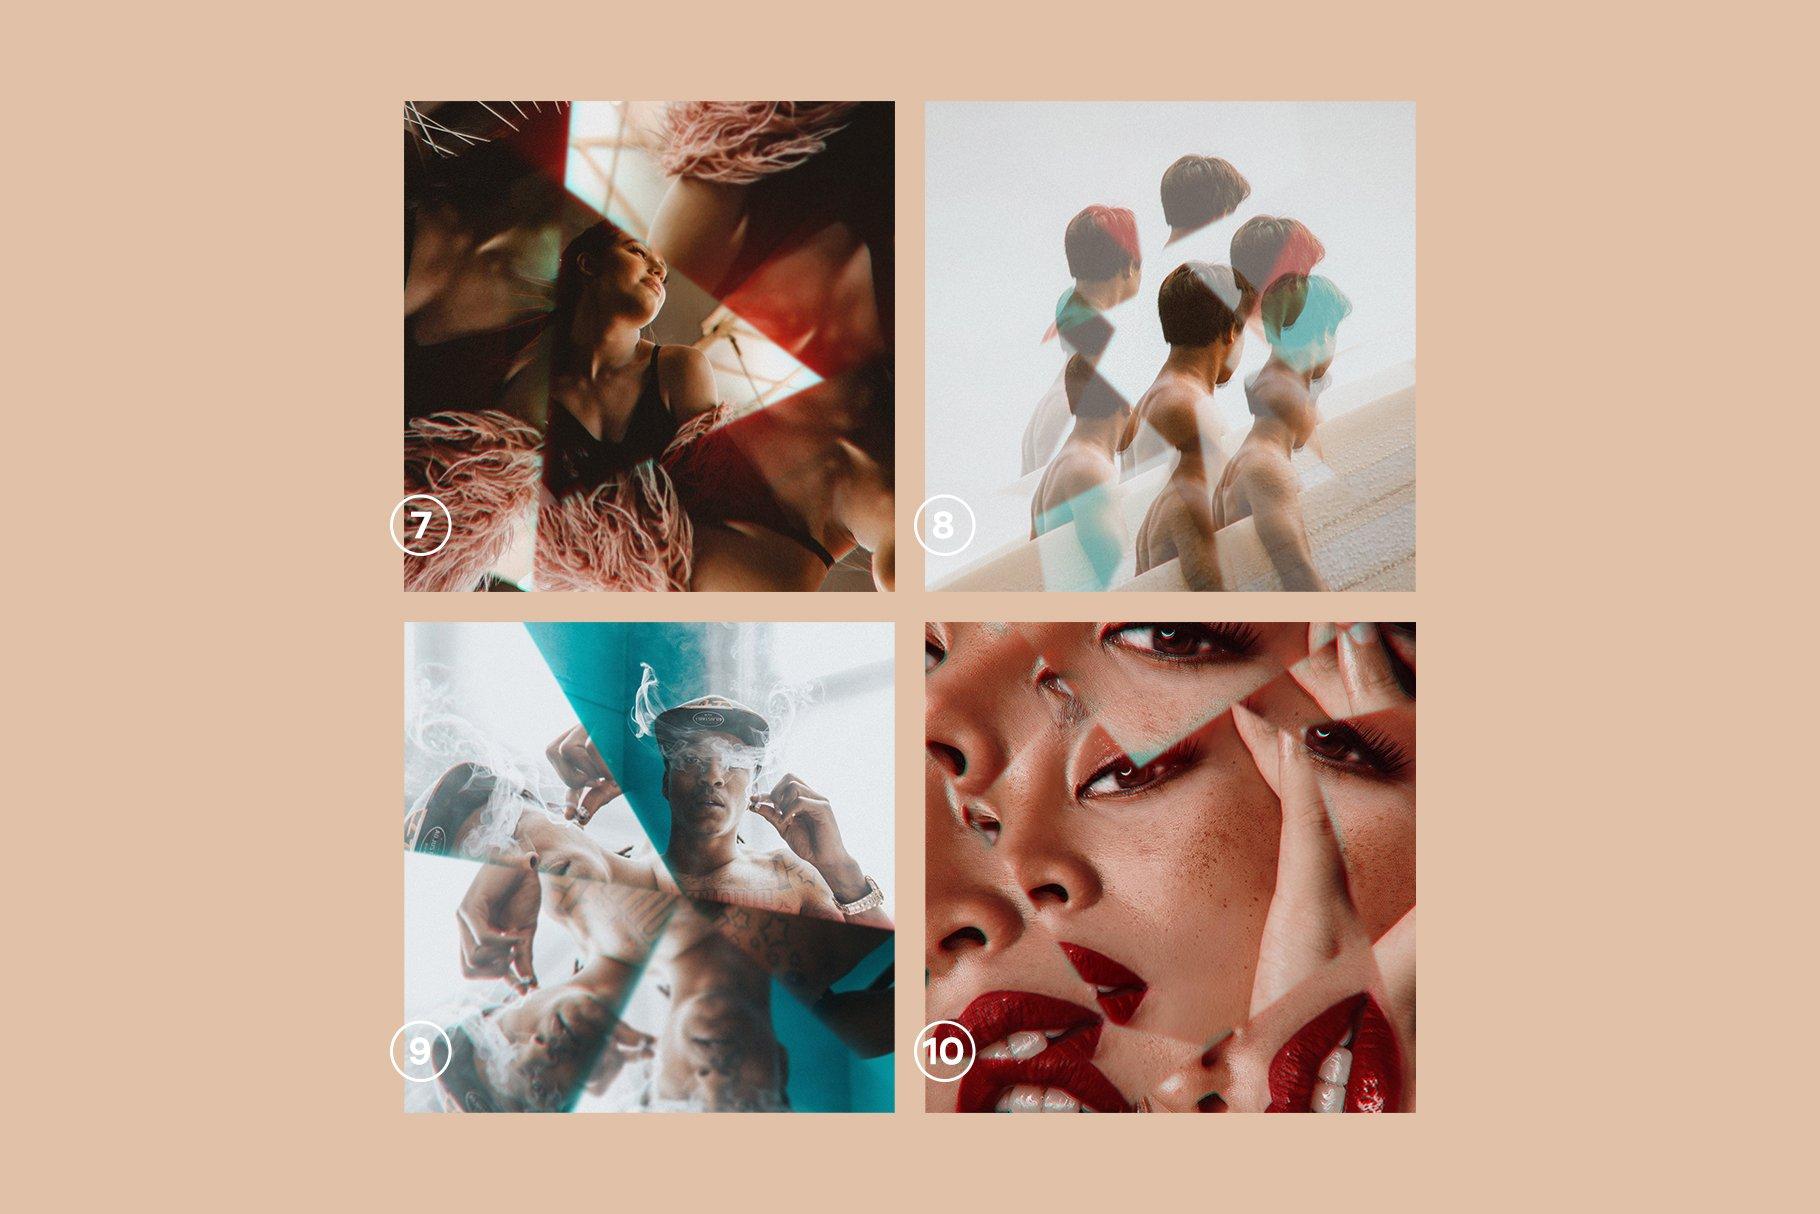 梦幻抽象艺术万花筒棱镜玻璃反射特效滤镜PS样式模板 Prizm – Lens & Prism Distortions插图9